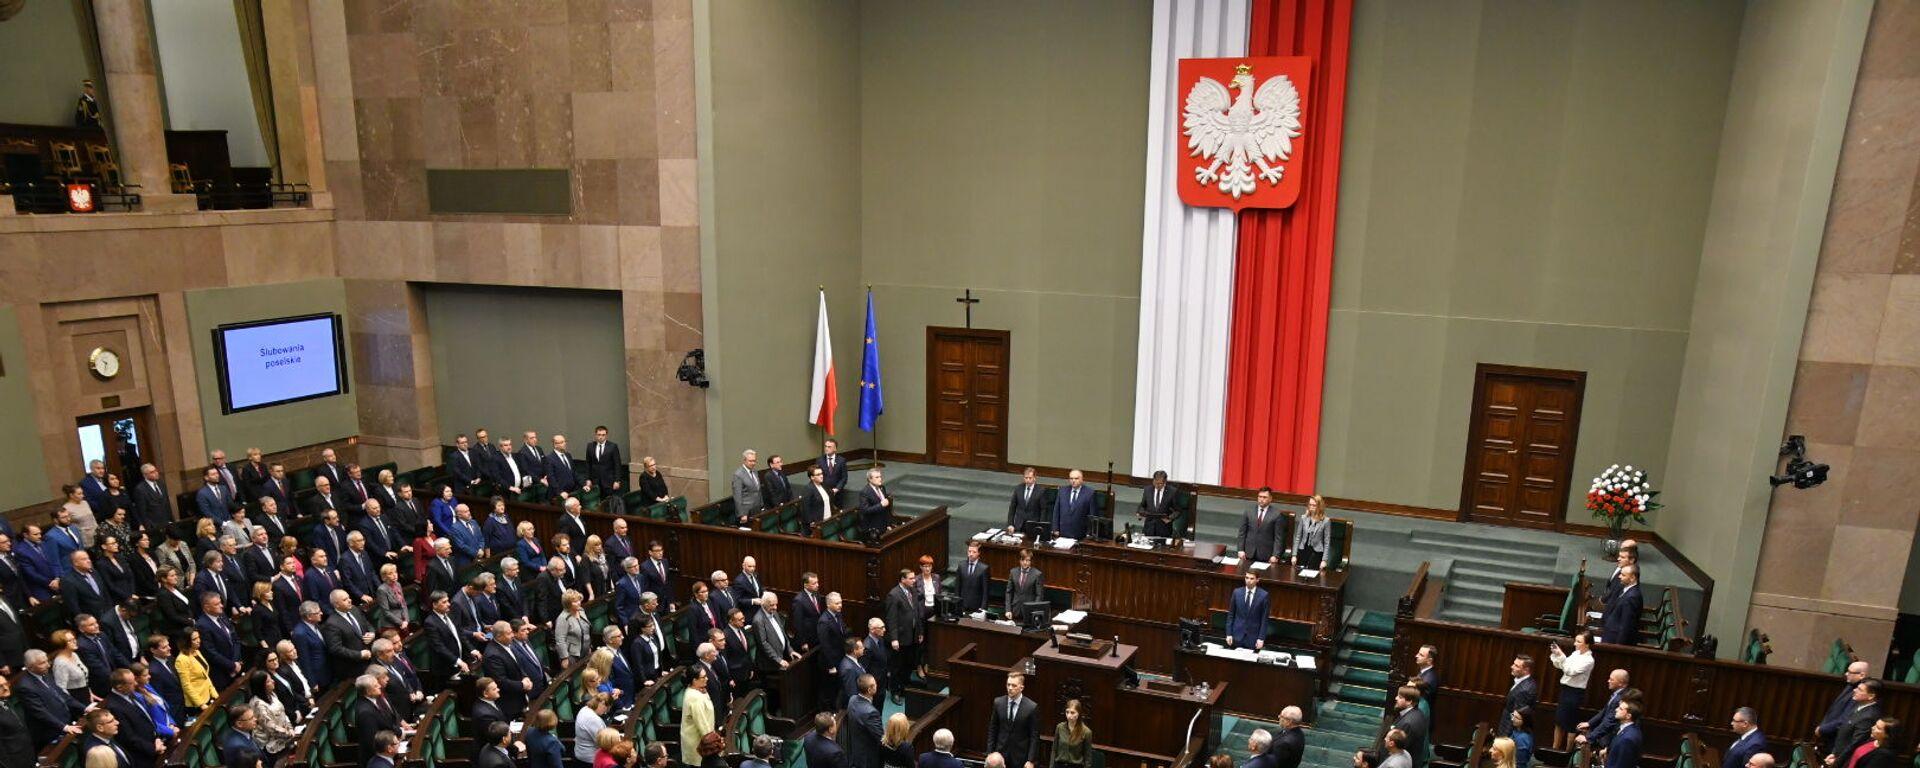 Otwarcie Sejmu RP IX kadencji - Sputnik Polska, 1920, 10.03.2021